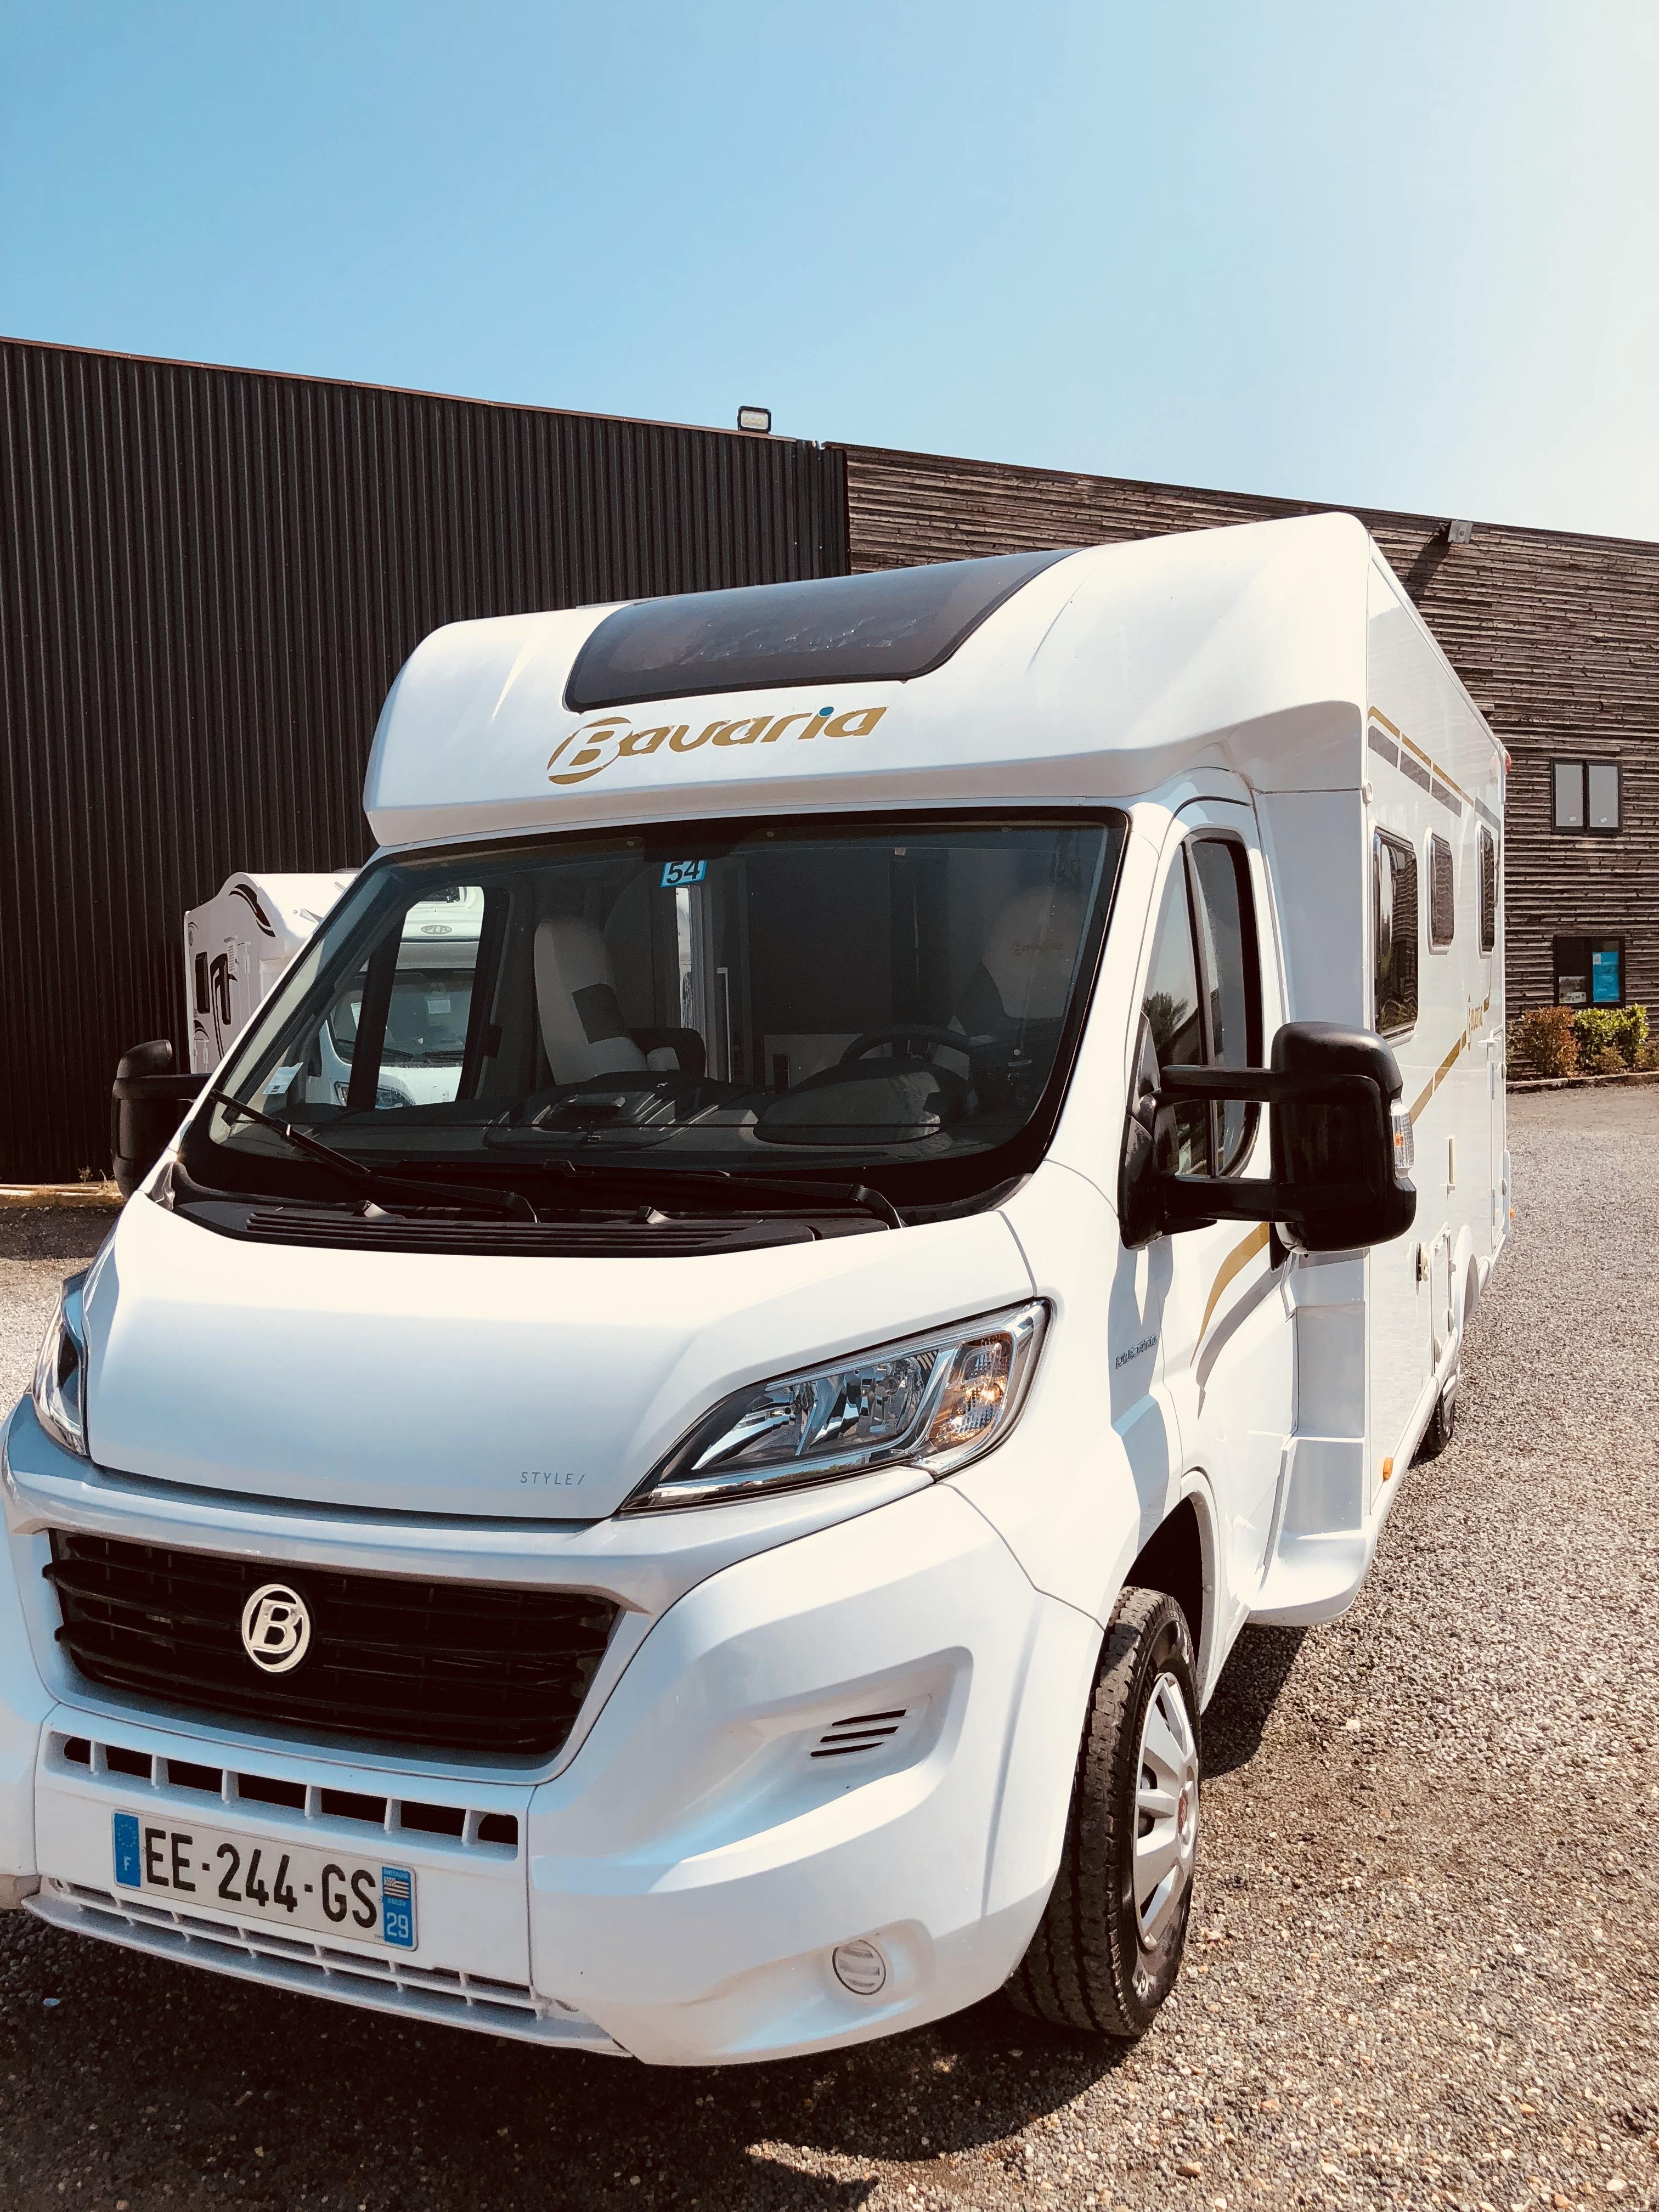 bavaria t 740 c style occasion de 2016 fiat camping car en vente saint fargeau ponthierry. Black Bedroom Furniture Sets. Home Design Ideas